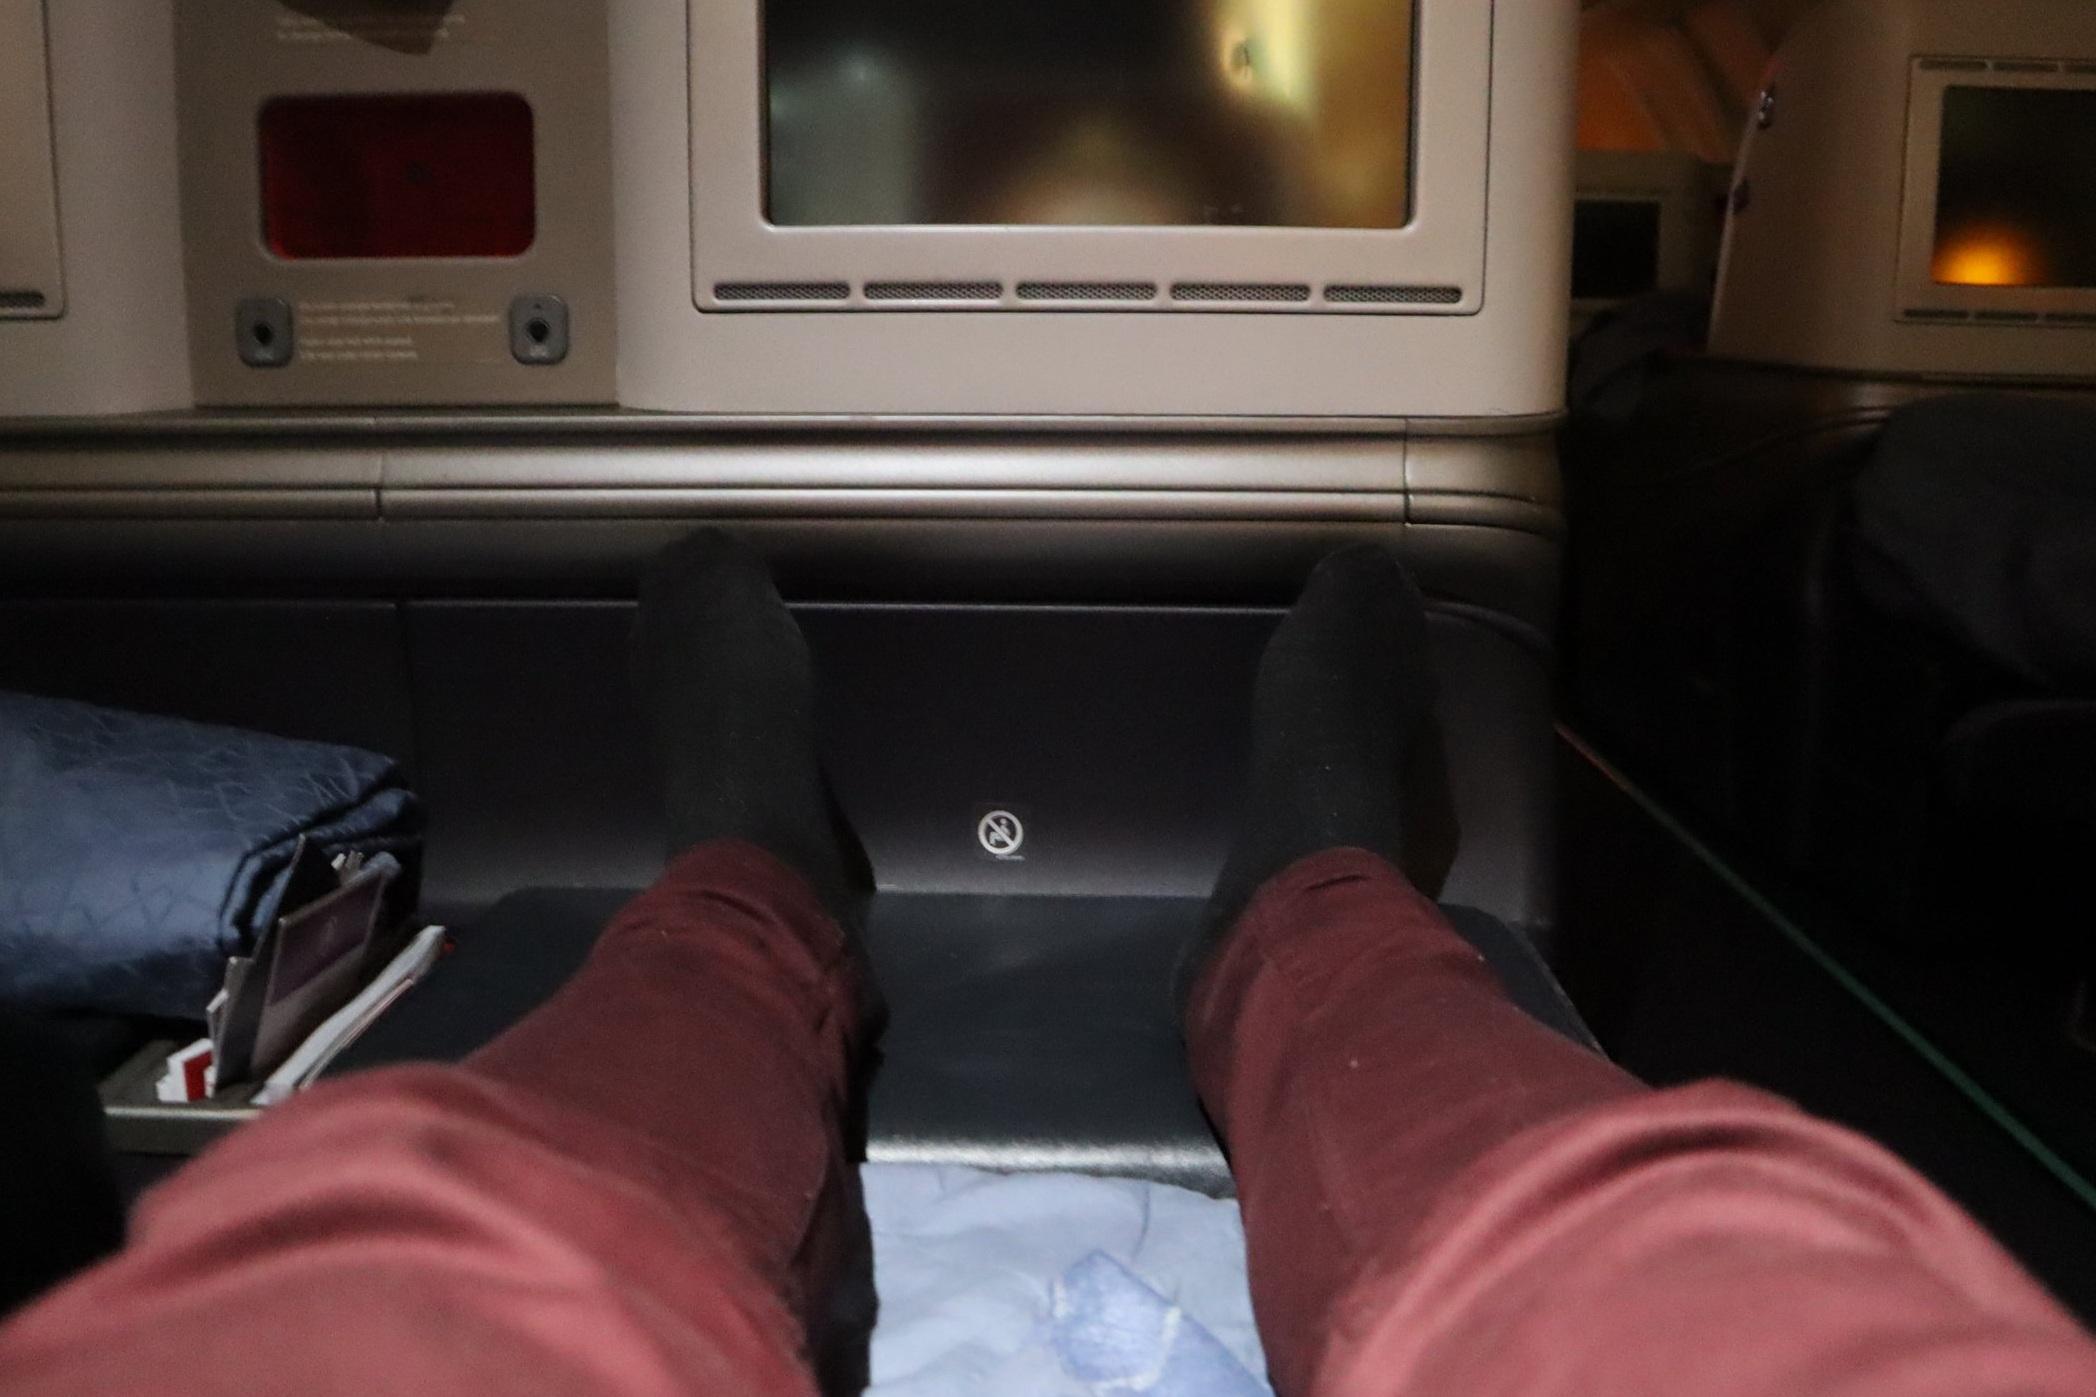 Turkish Airlines A330 business class – Lie-flat mode legroom